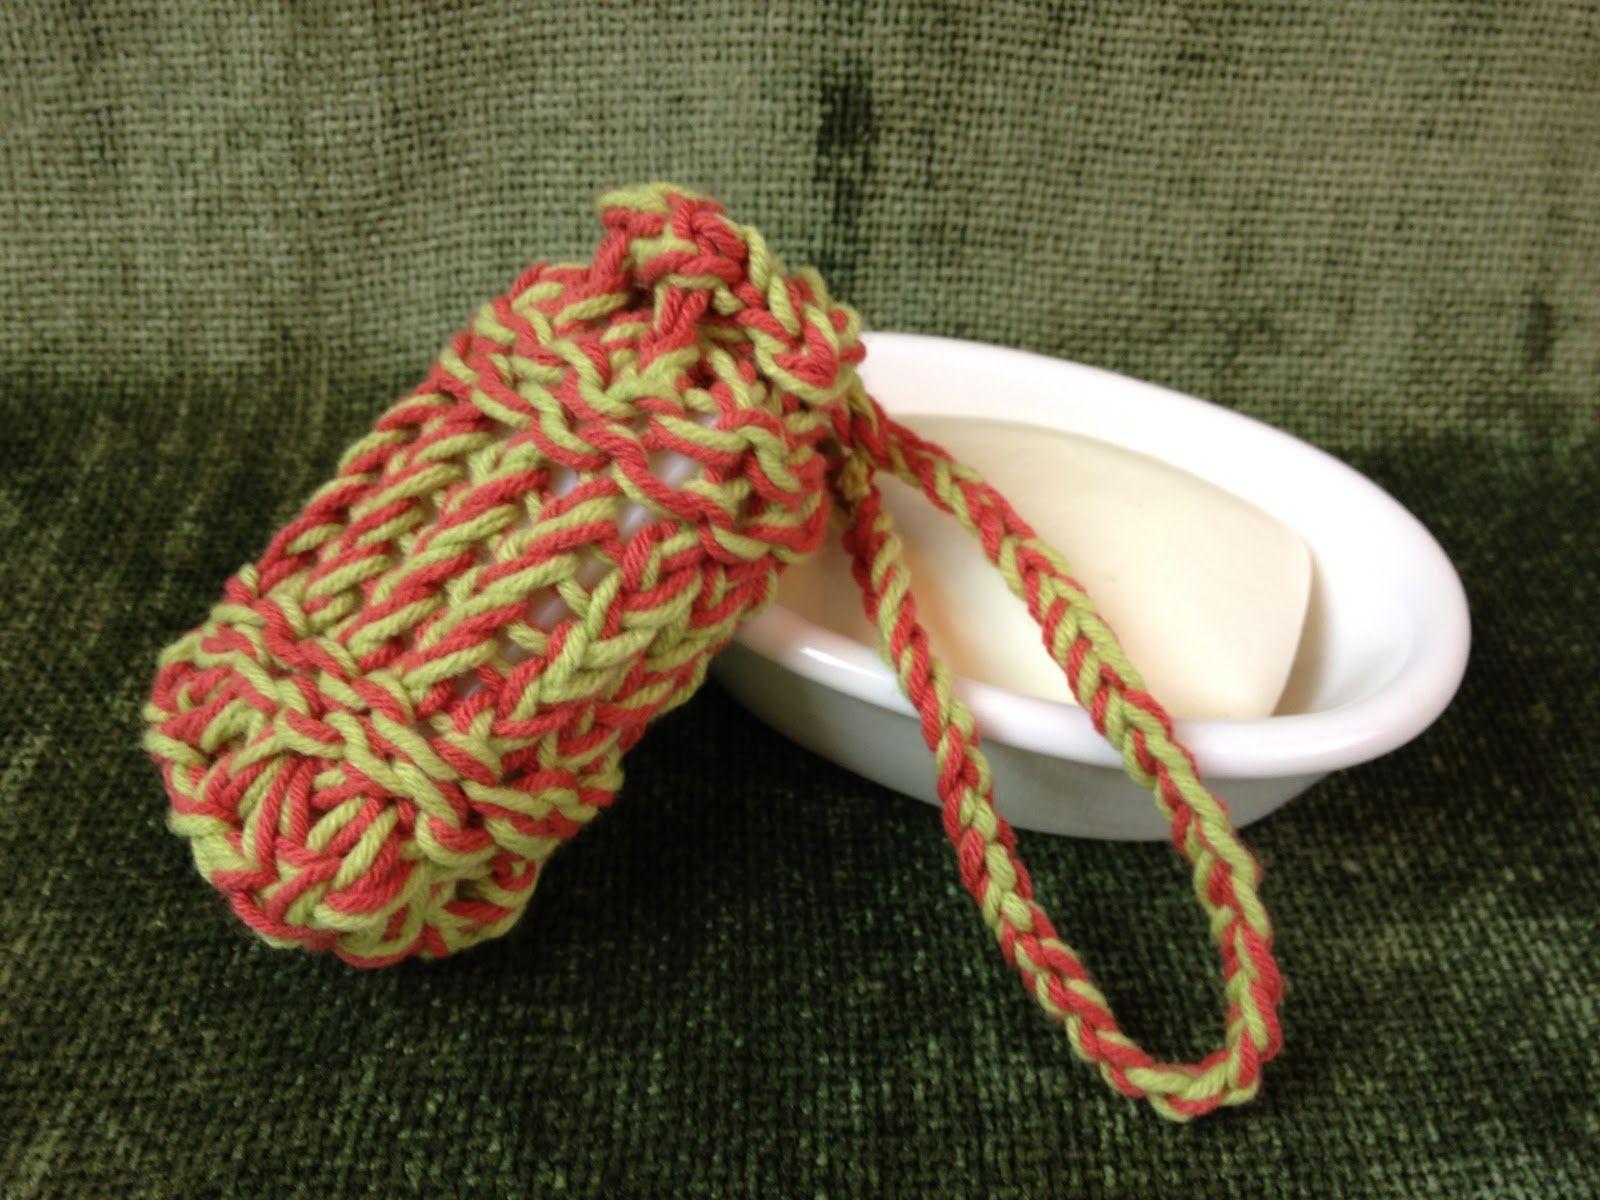 Loom+Knitting+Bag+Pattern | GoodKnit Kisses: FREE PATTERN: Loom Knit ...